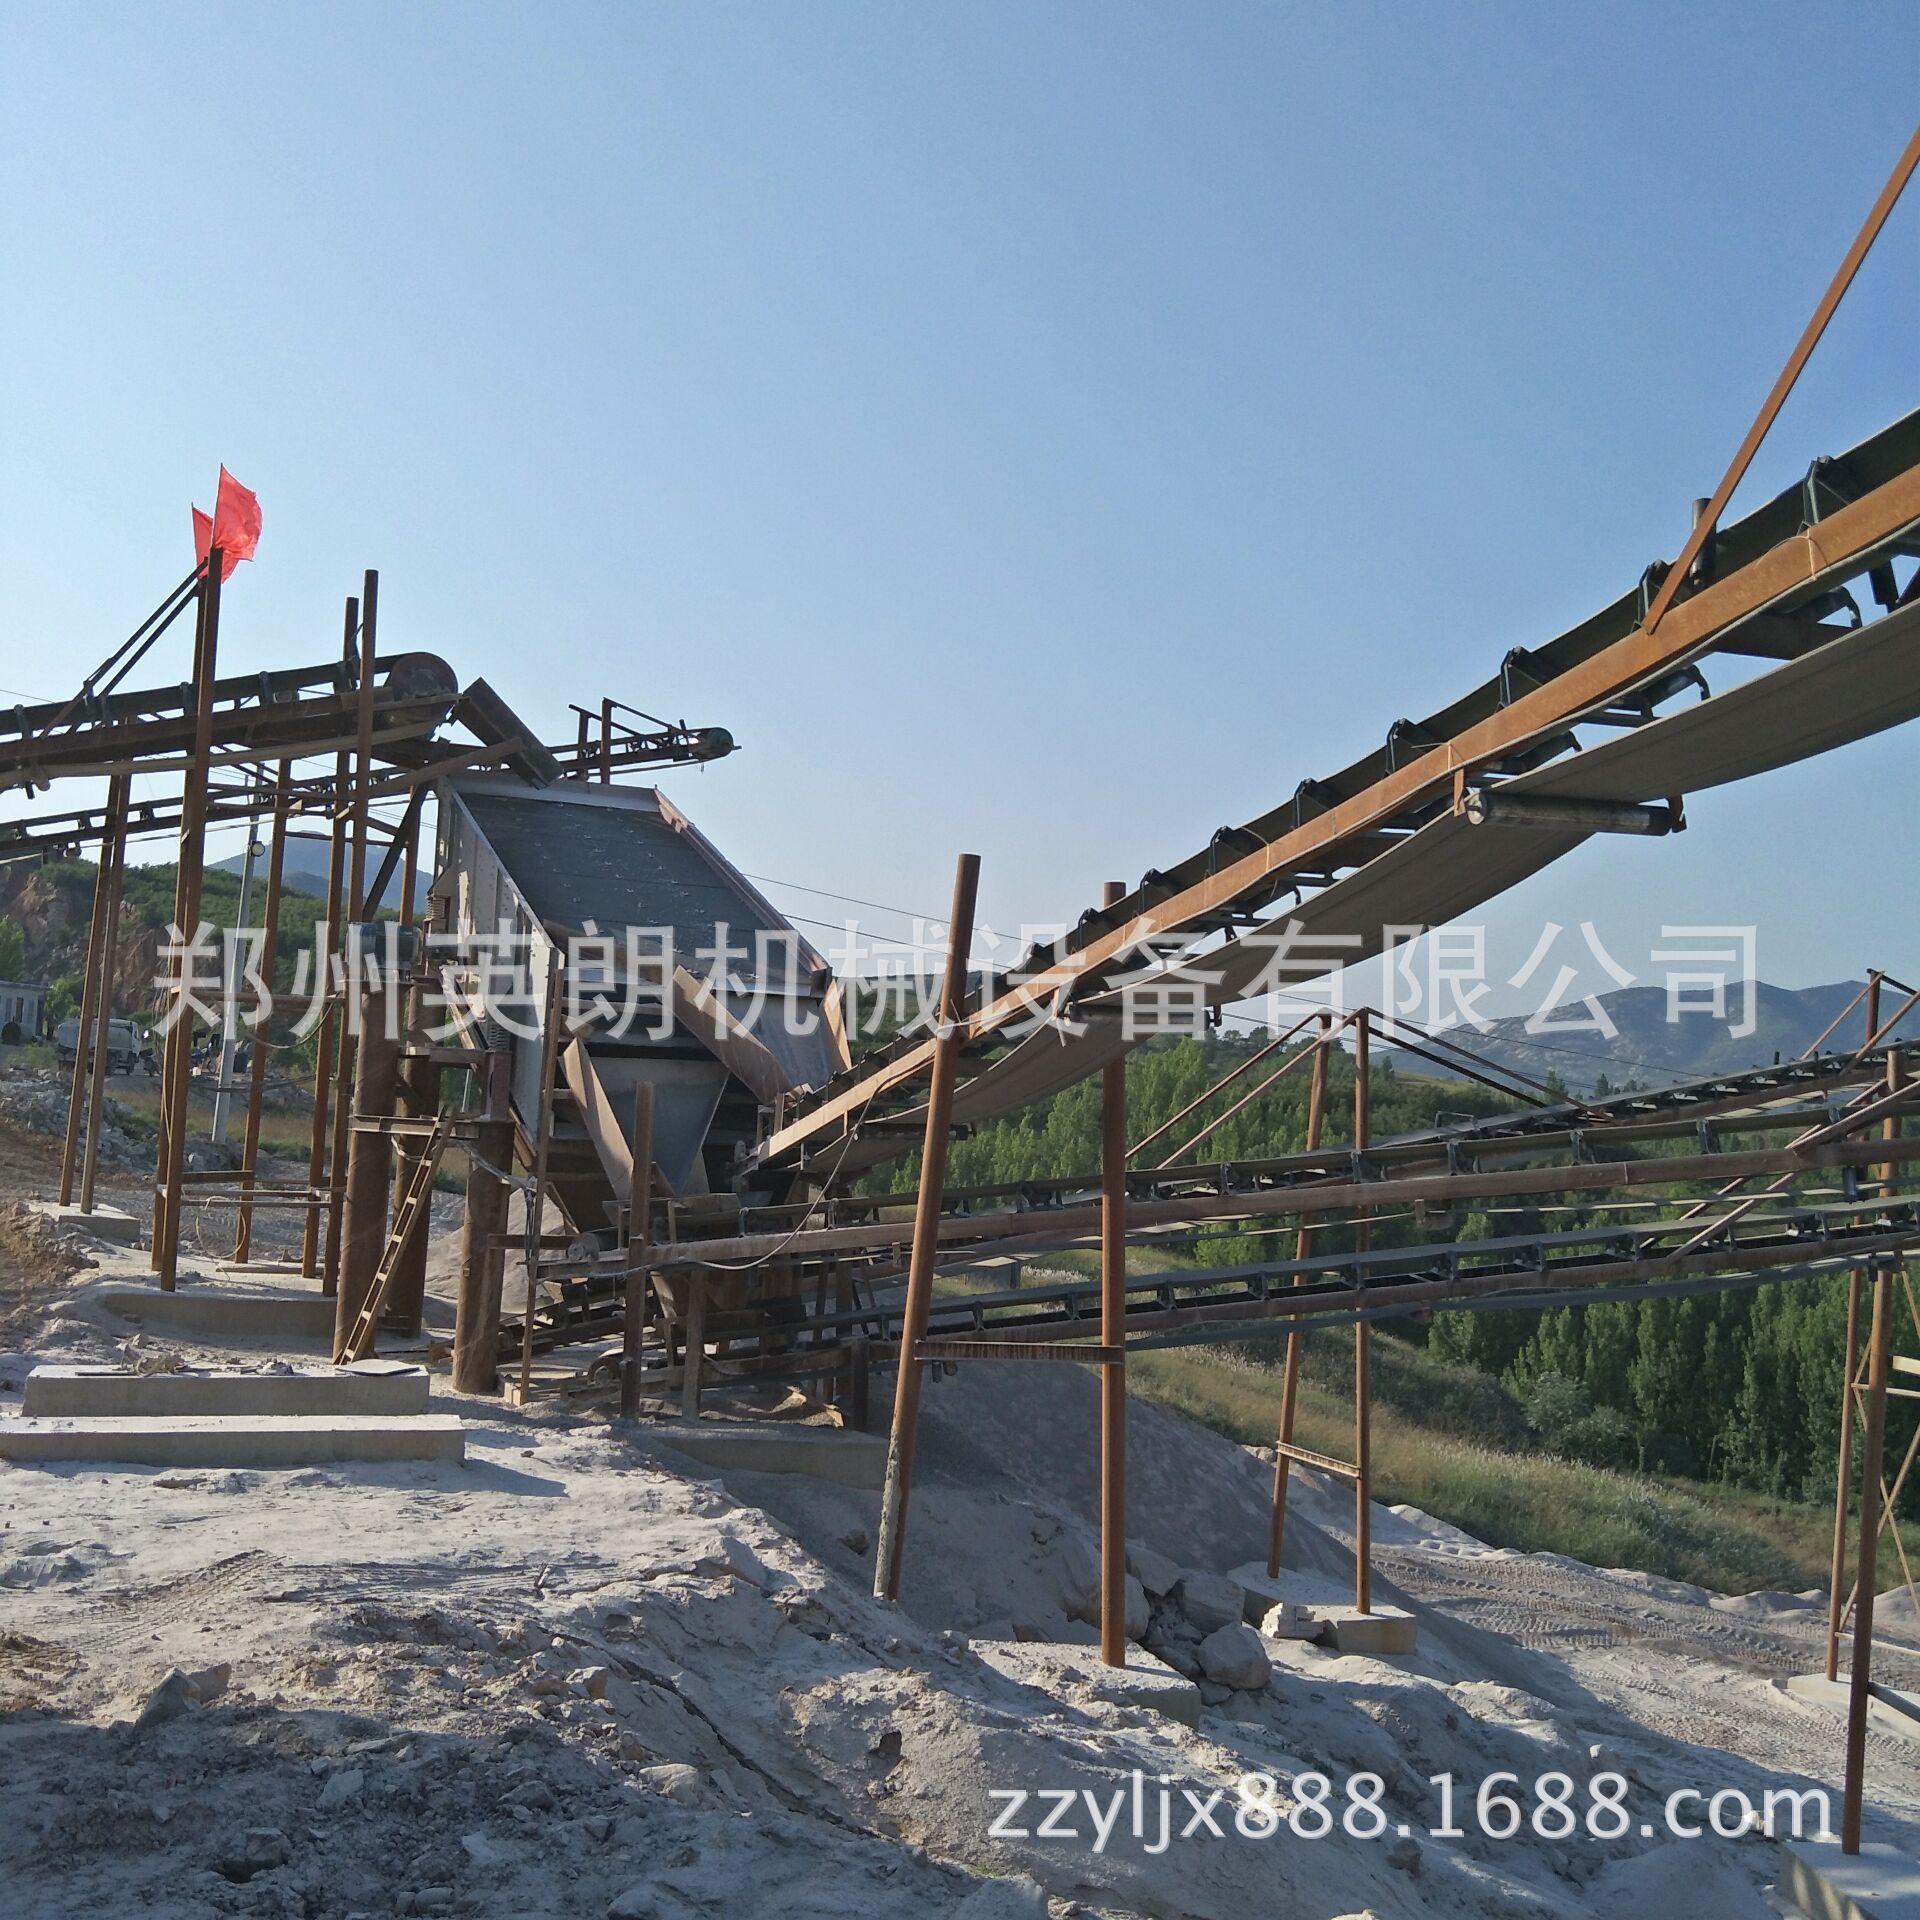 供应矿山石料开采破碎生产线 建筑青石子破碎线 鹅卵石制沙生产线示例图8